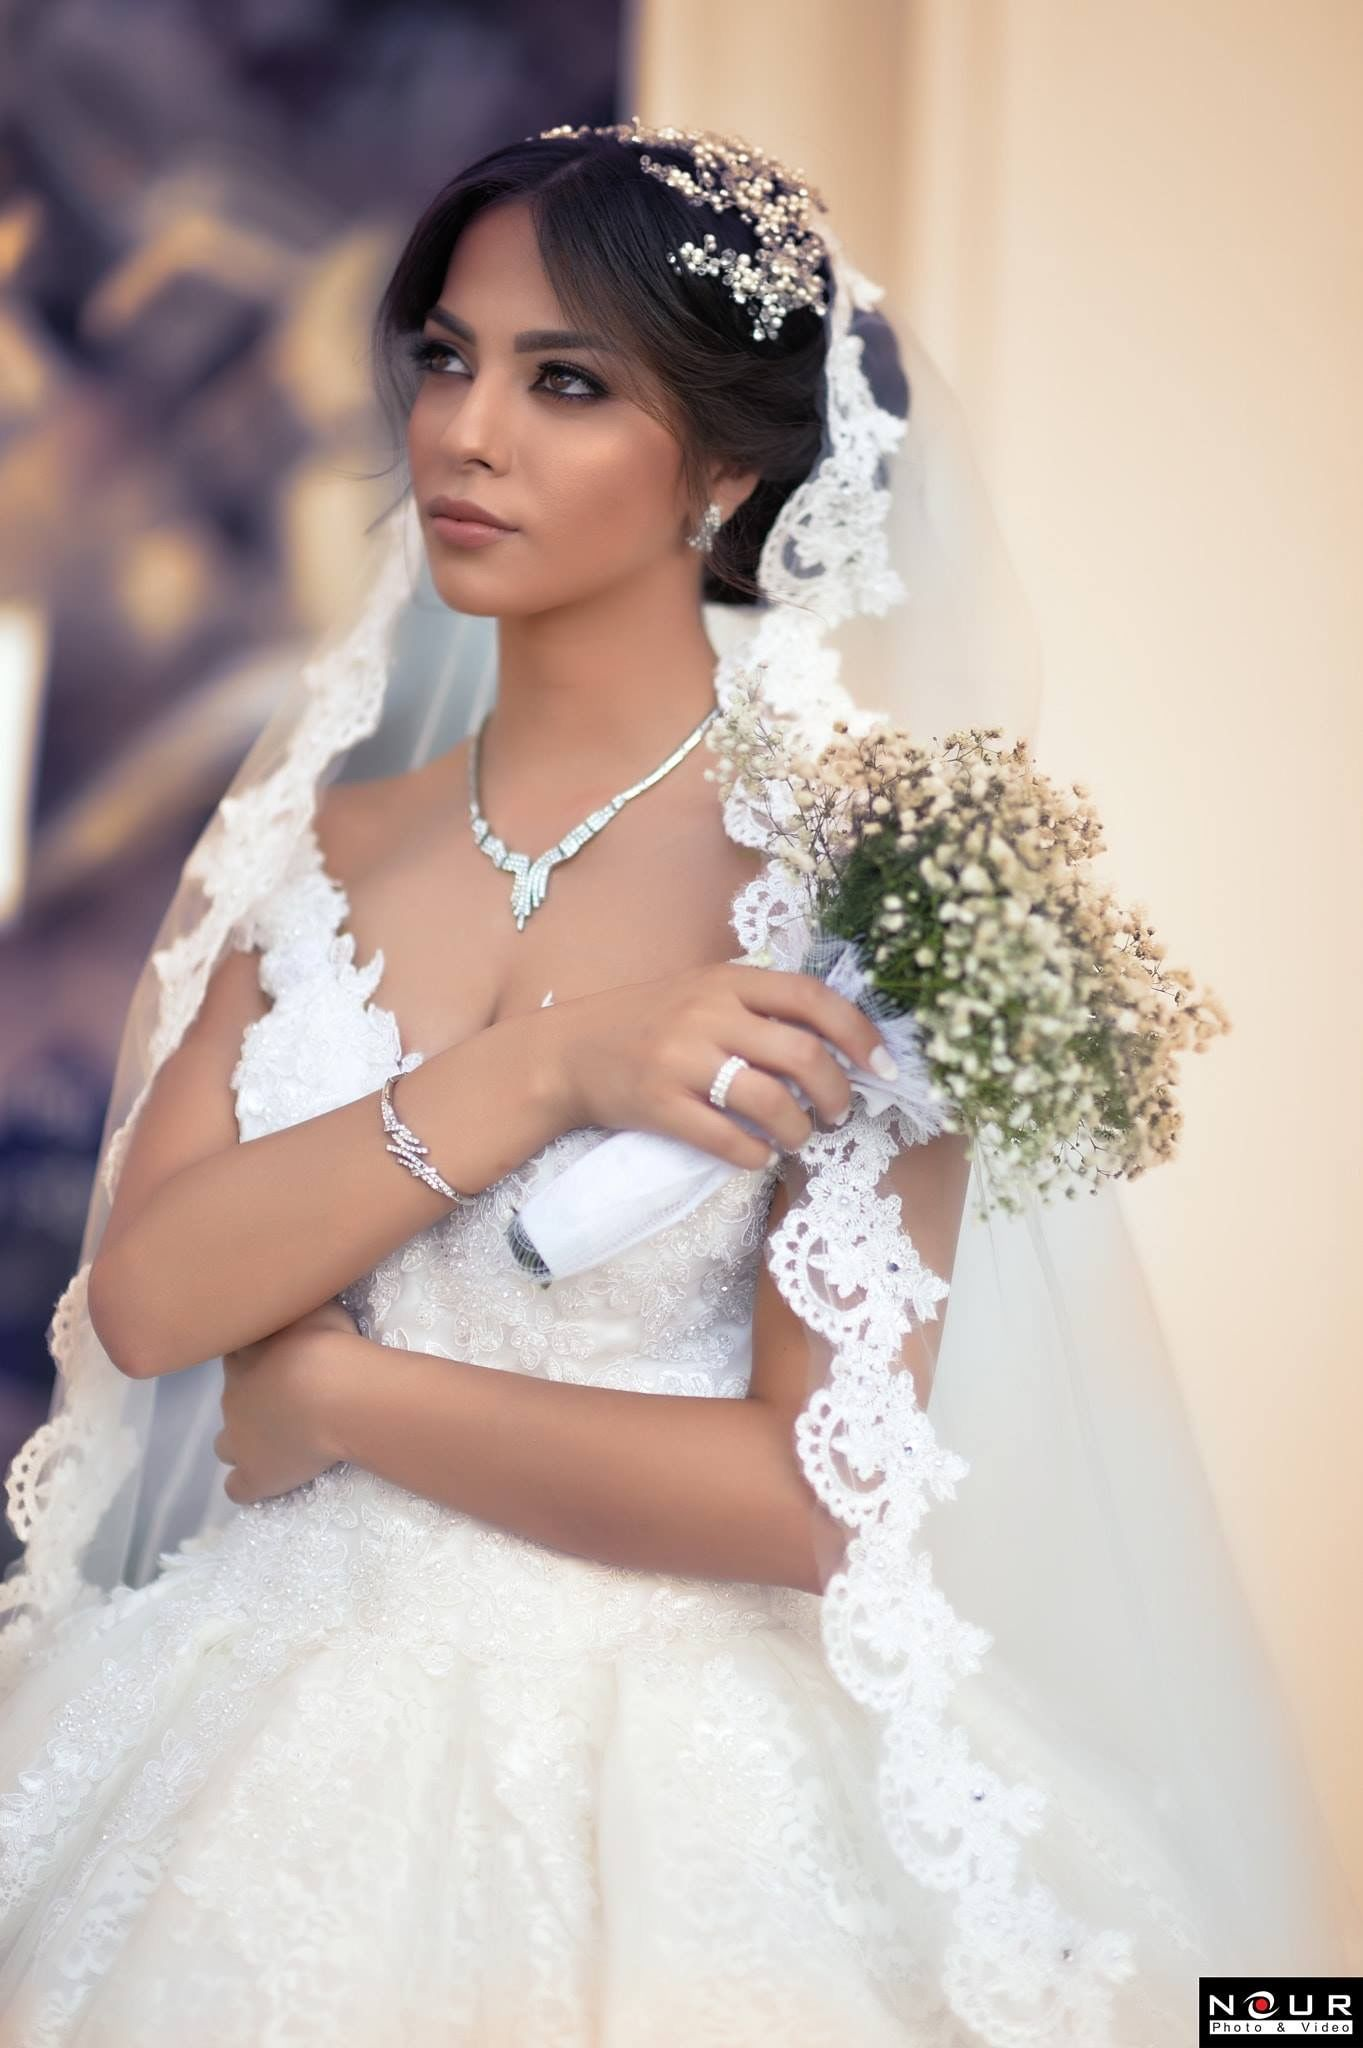 Oportunidades impresionantes peinados de novia con velo Galería de cortes de pelo Consejos - Pin de Katherine Riascos Arana en Peinados | Fotos ...